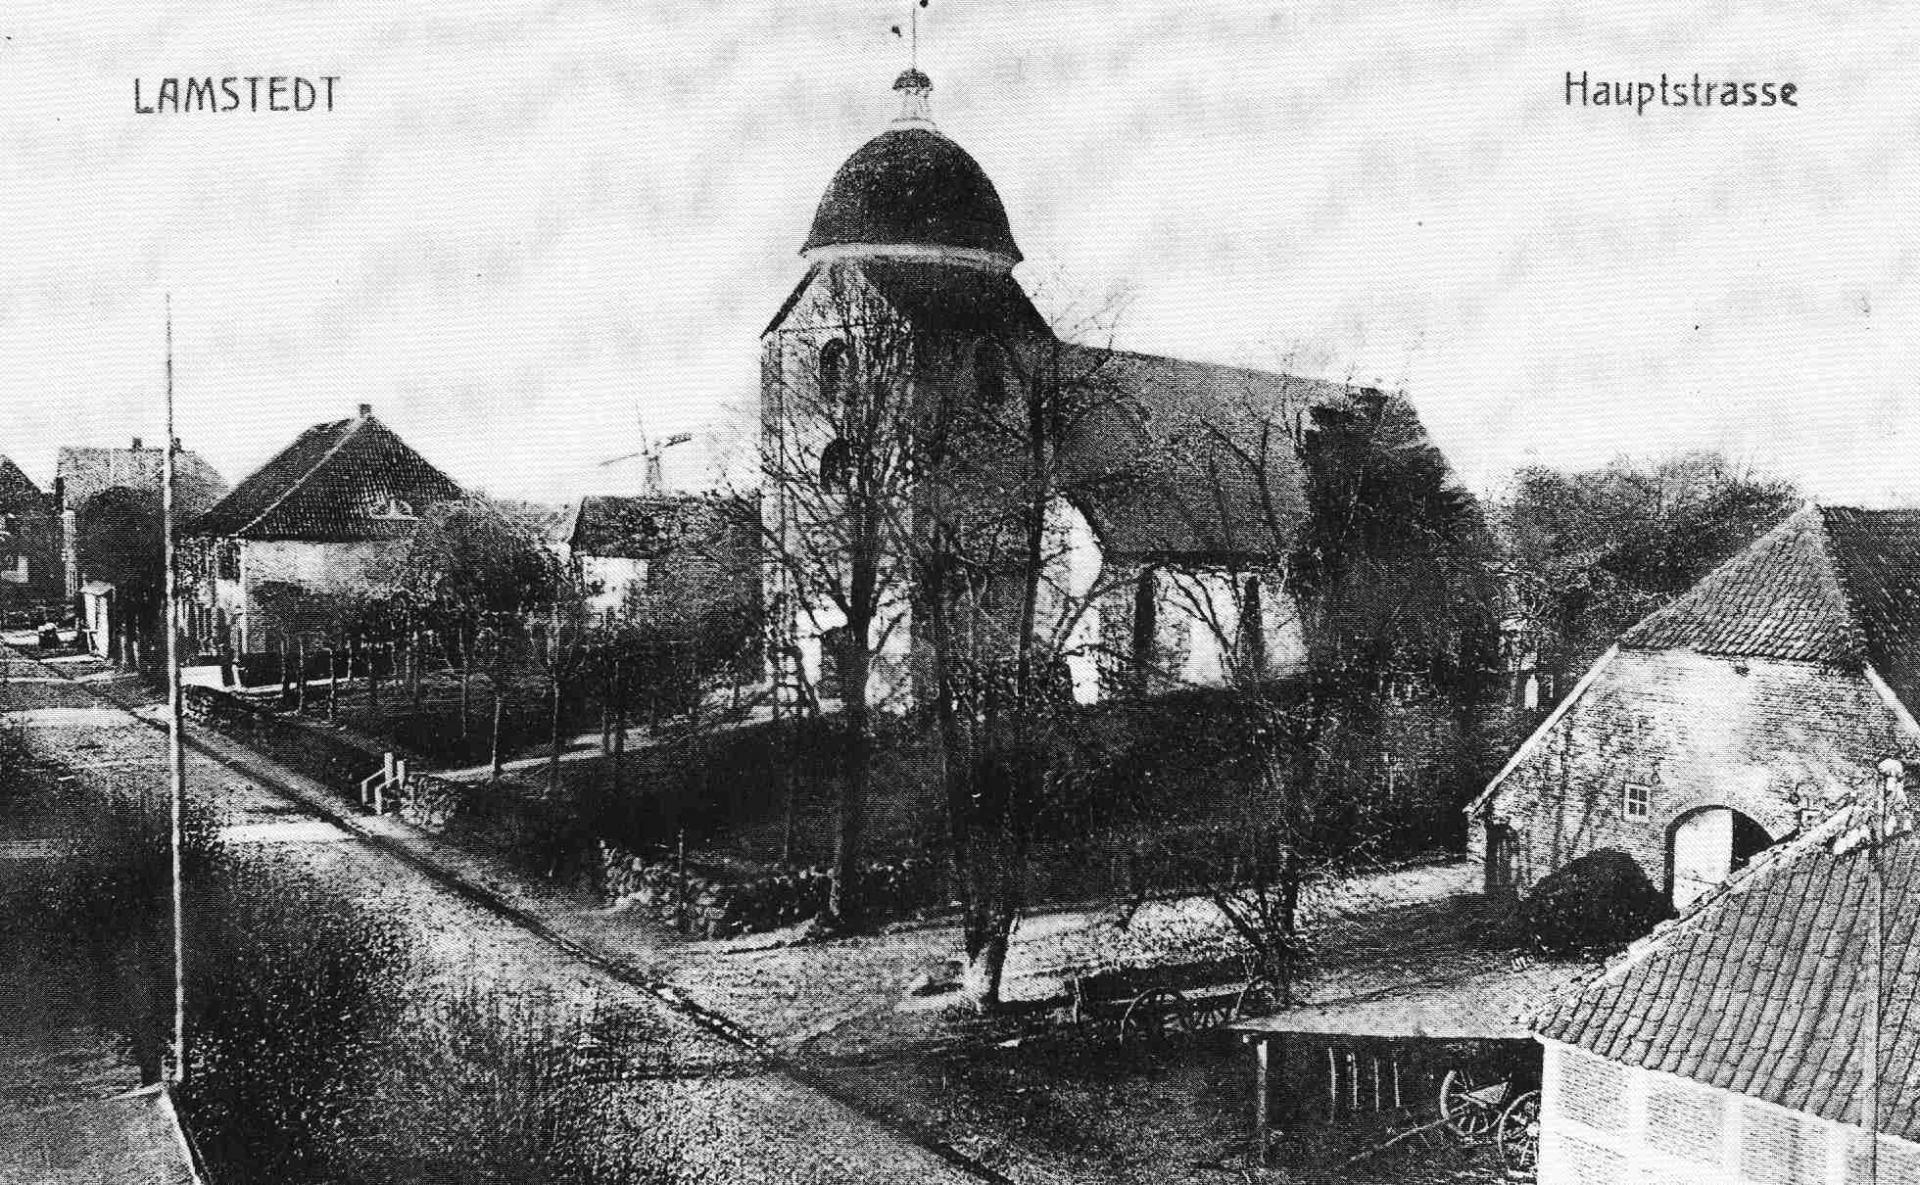 Lamstedt historisch